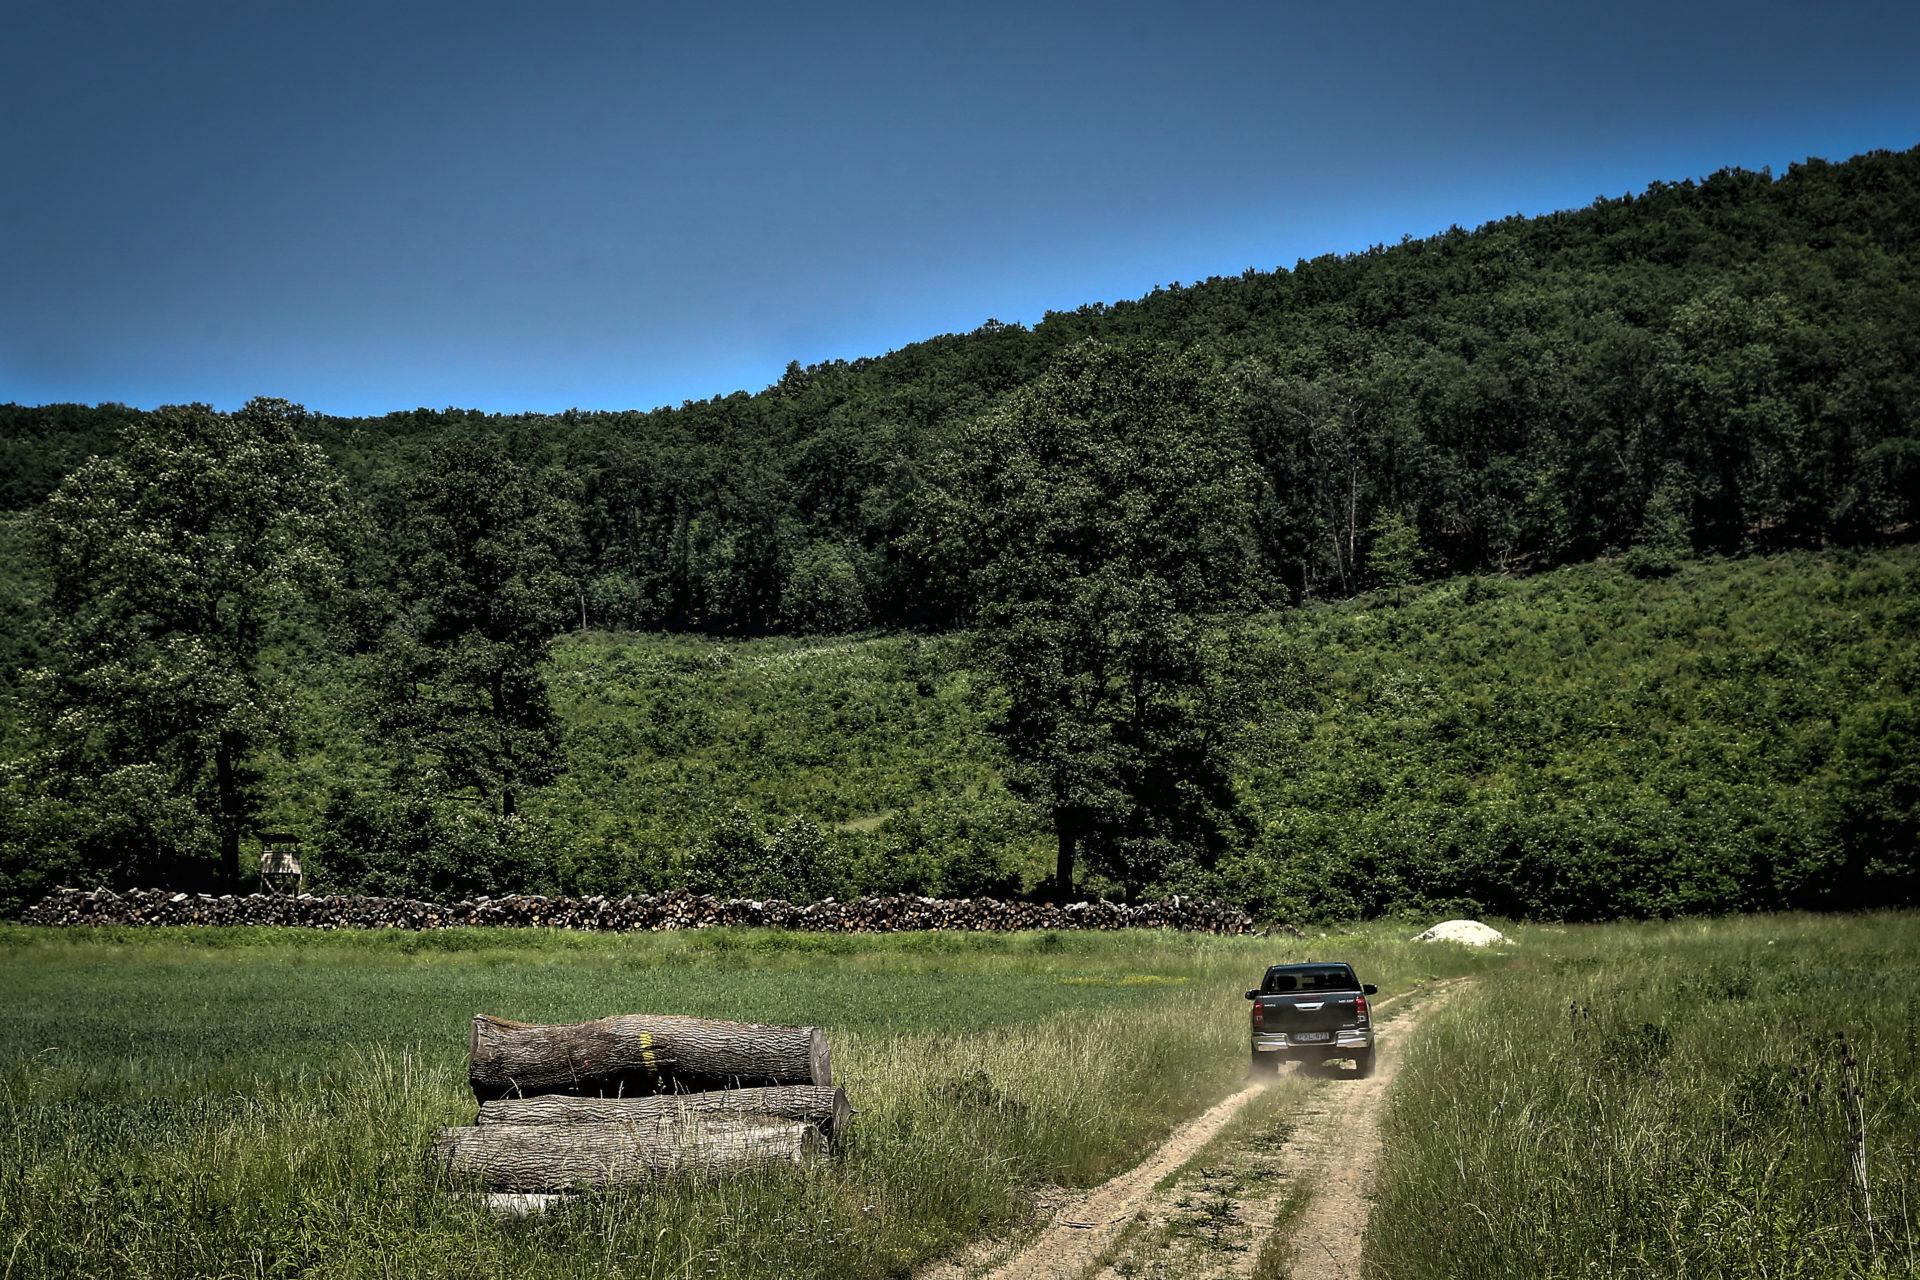 Ökológiailag egyre stabilabb erdők jönnek létre hazánkban